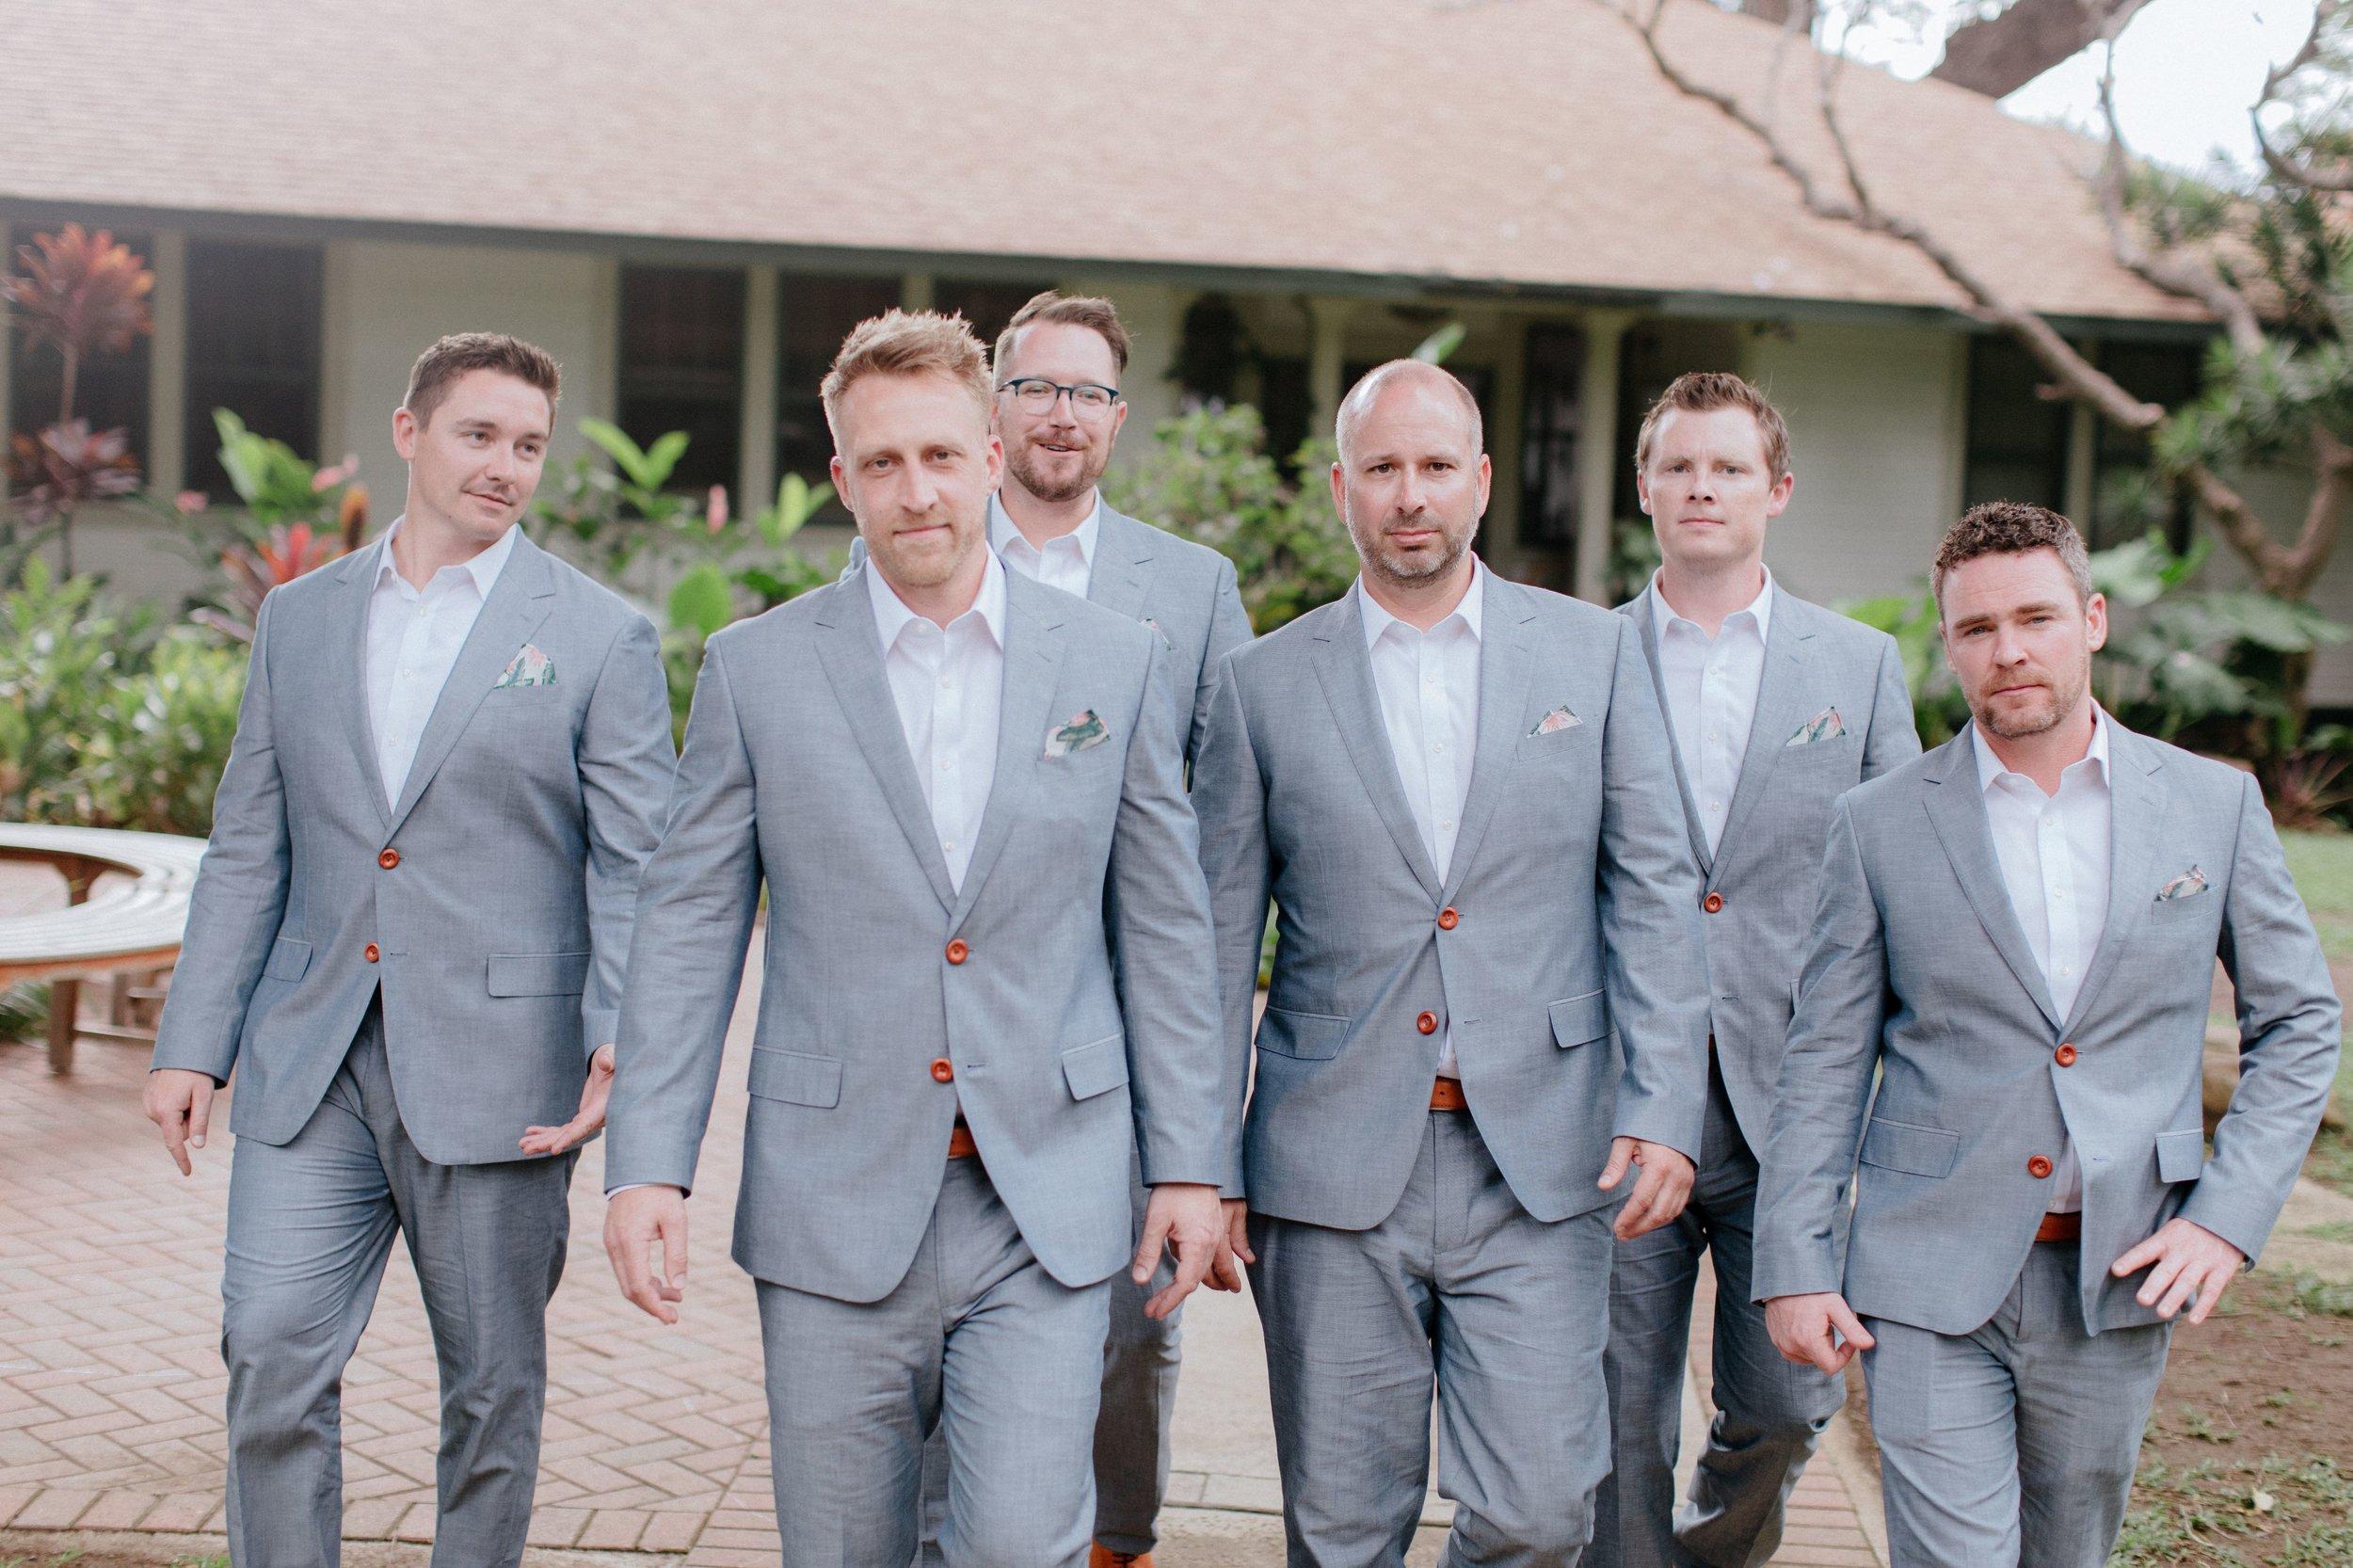 Chris-J-Evans-maui-wedding-JA853.jpg